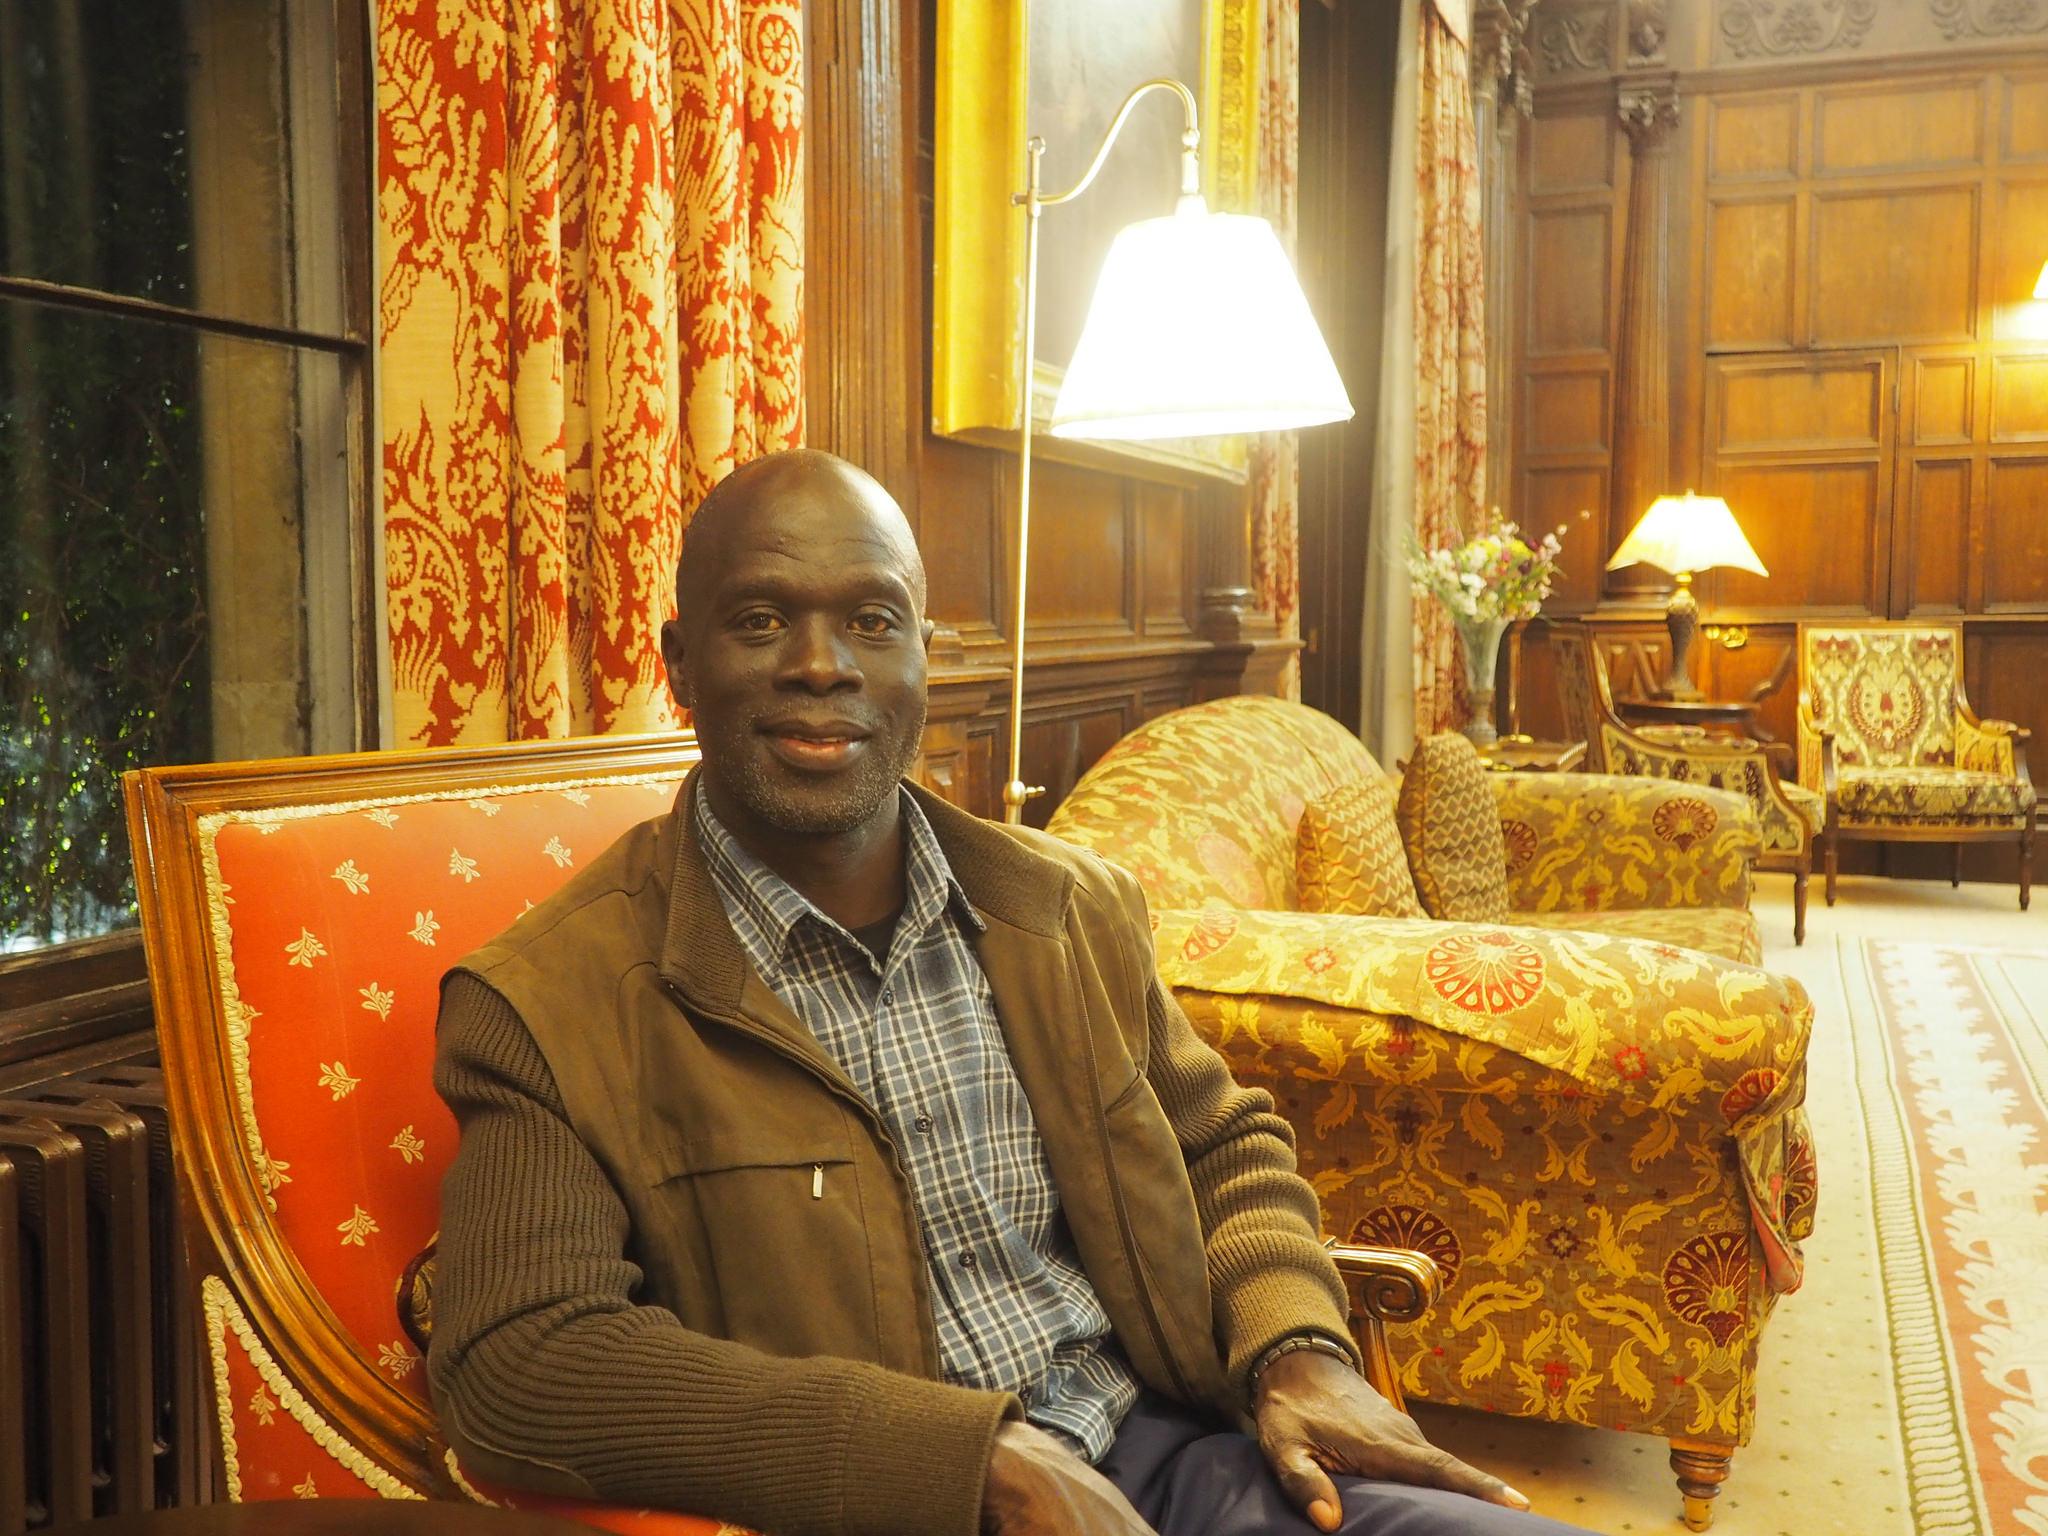 Dr. Kizito Sabala at Wiston House, Wilton Park